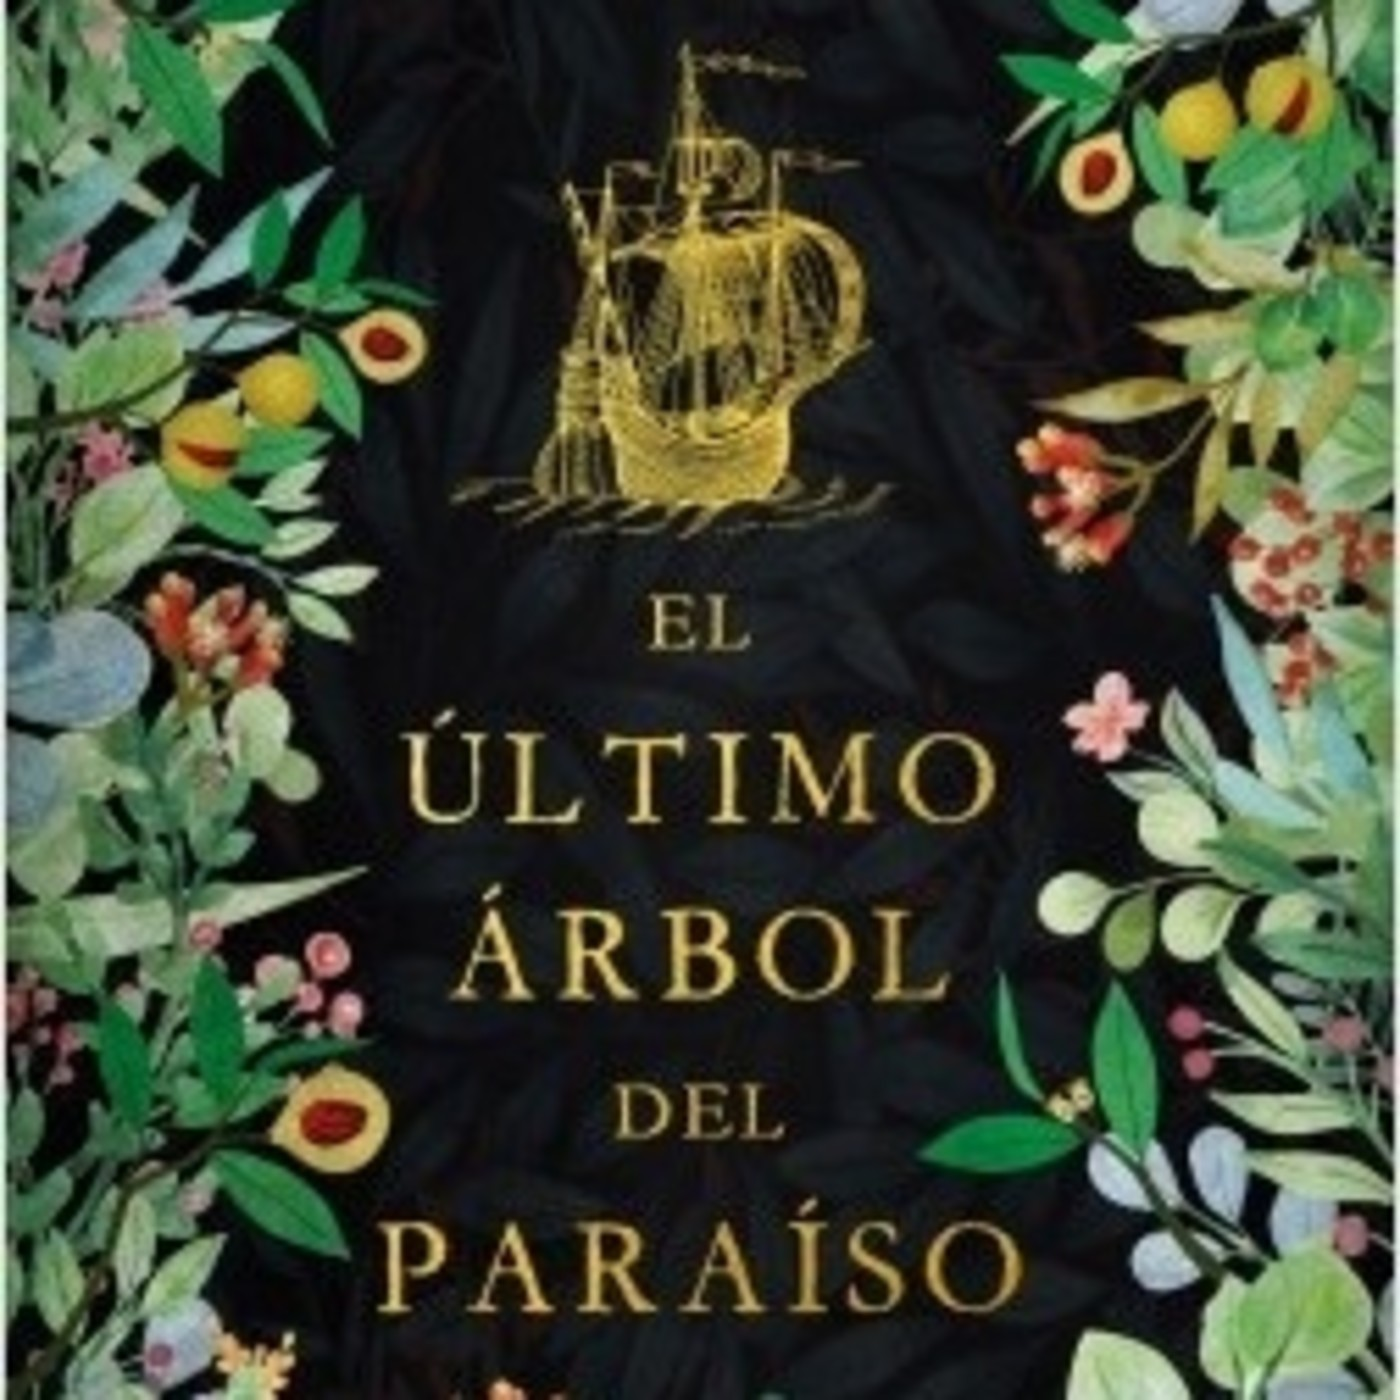 'El último árbol del paraíso' de Emma Lira